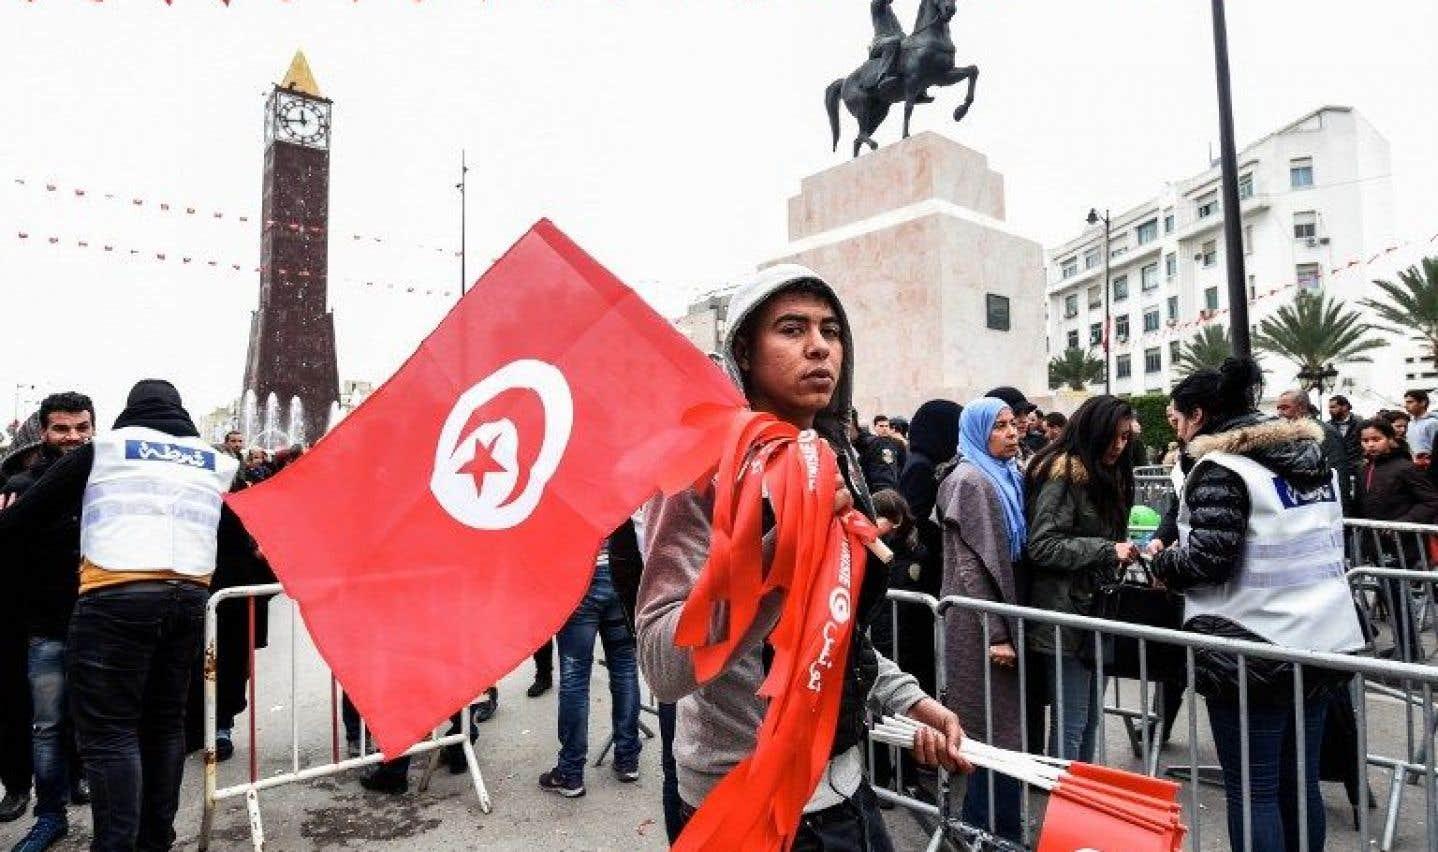 La Tunisie marque les 6 ans de sa révolution sur fond de contestation sociale